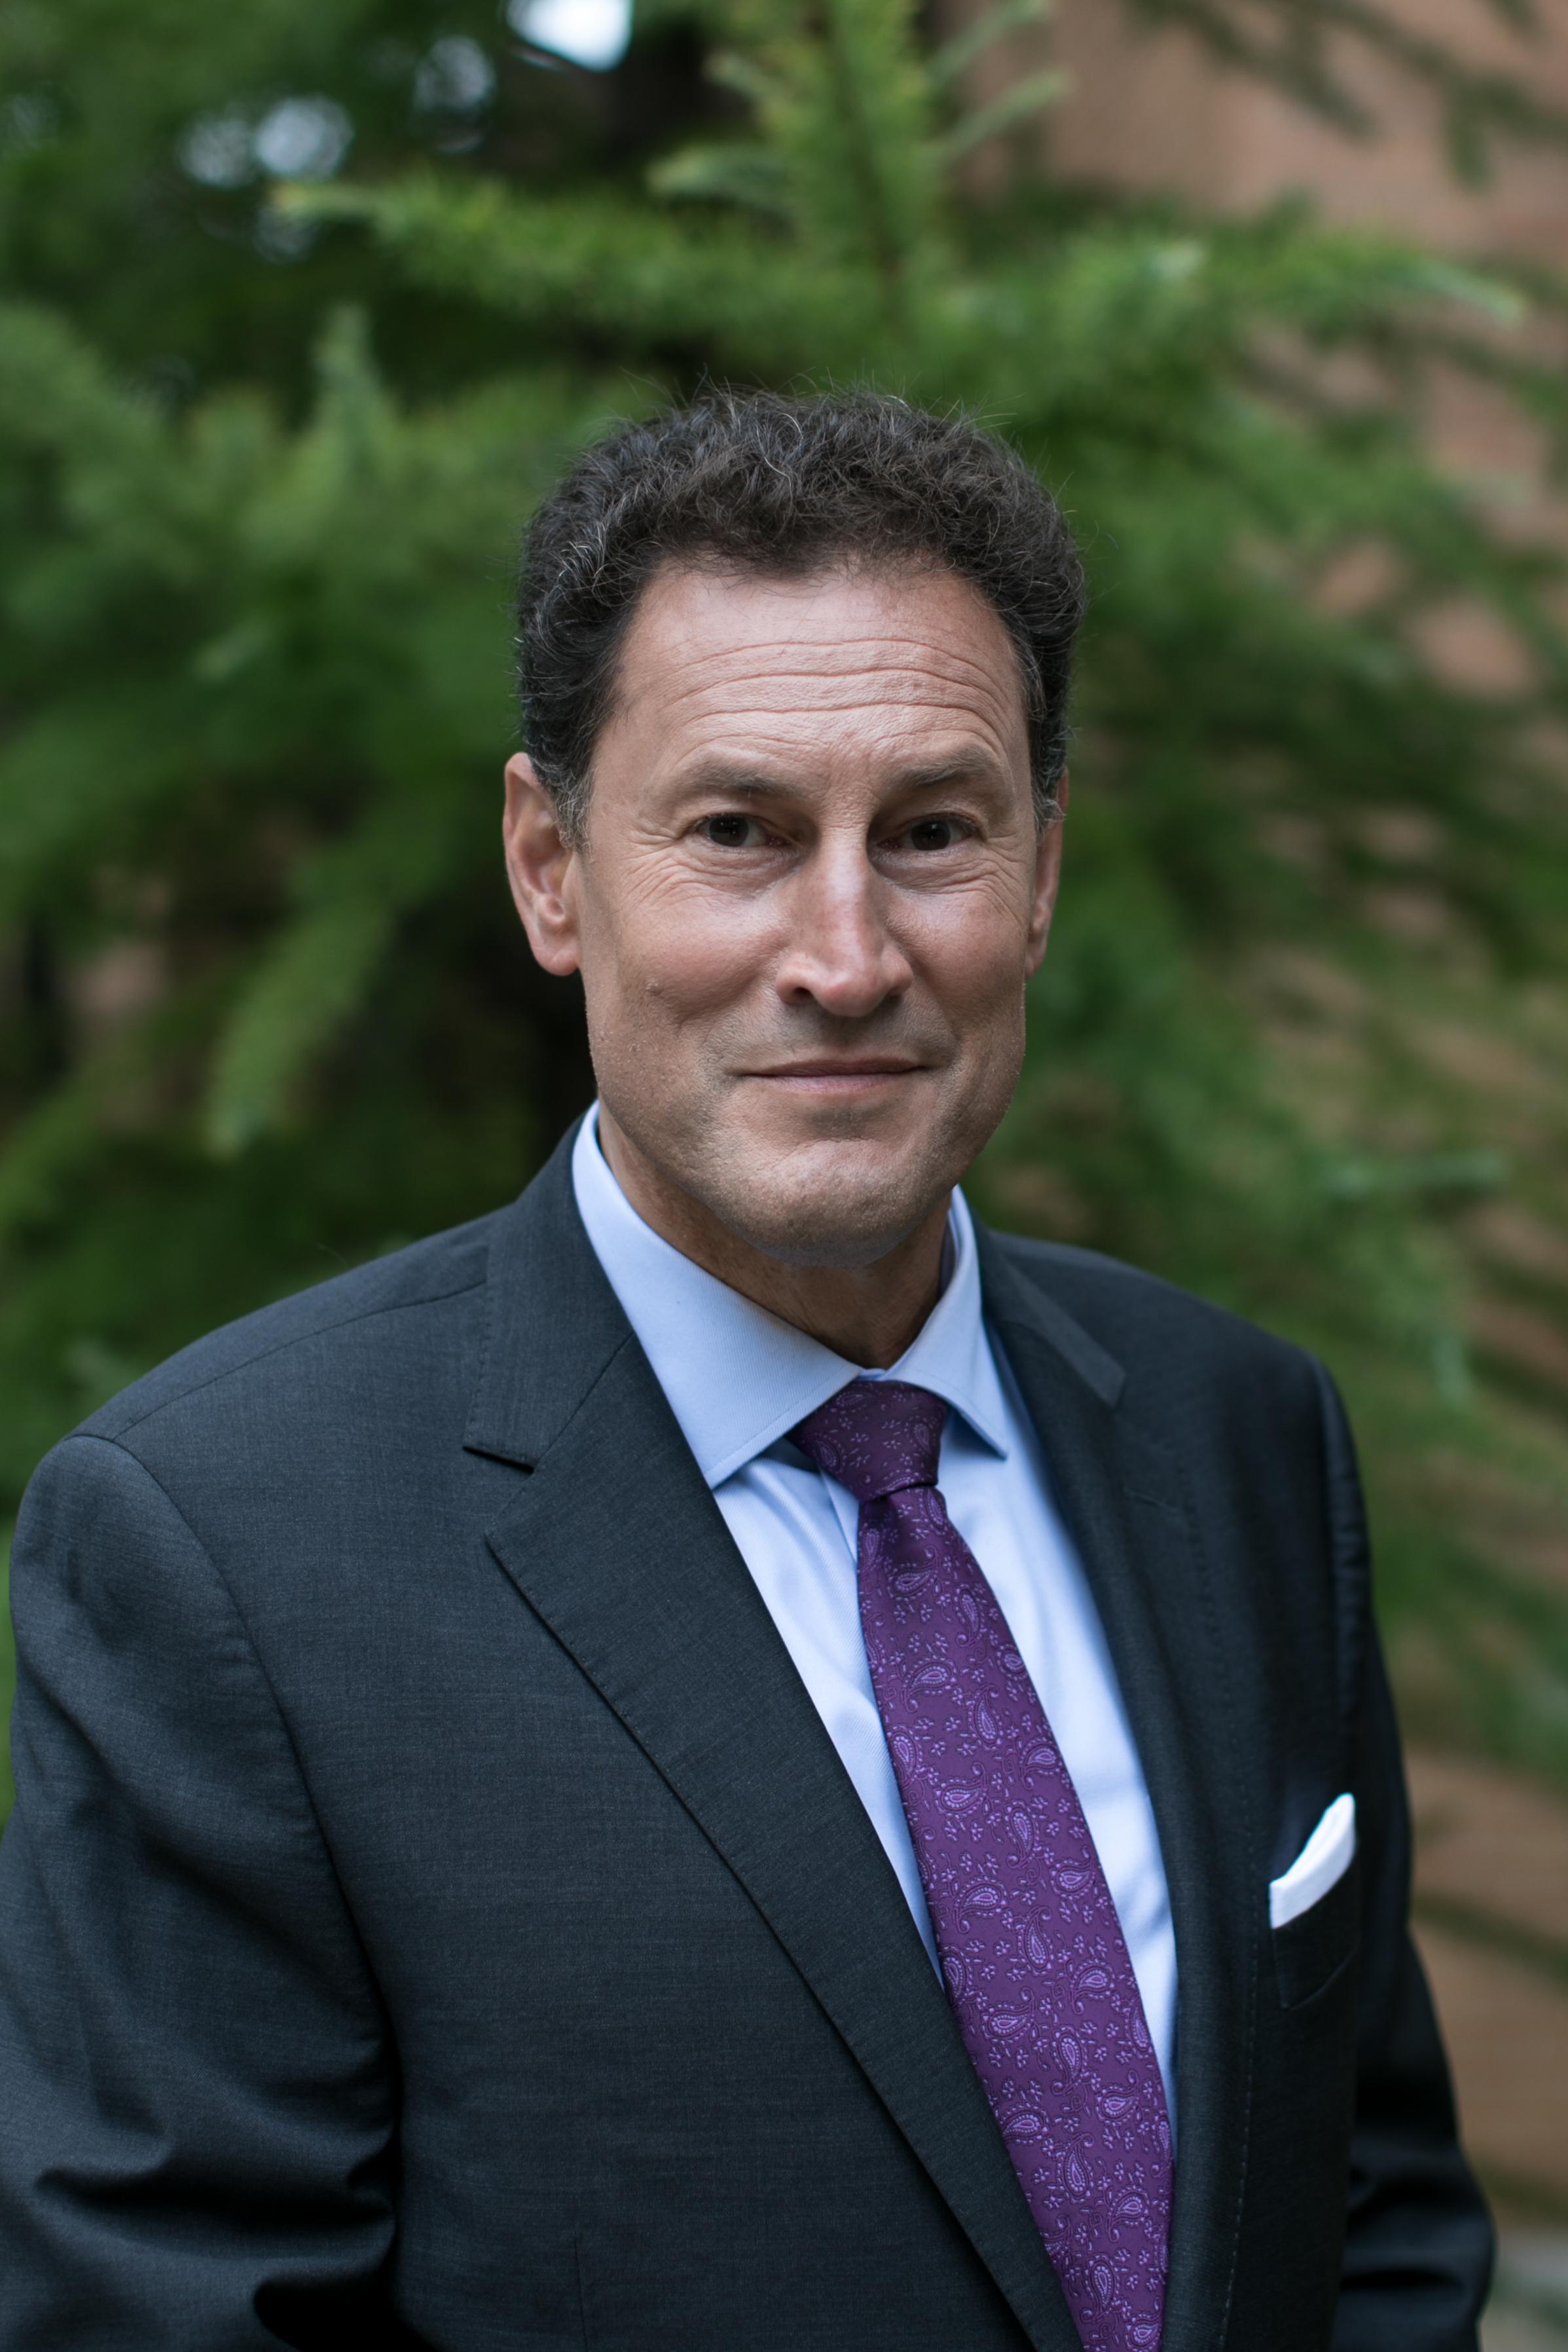 Steve Paikin